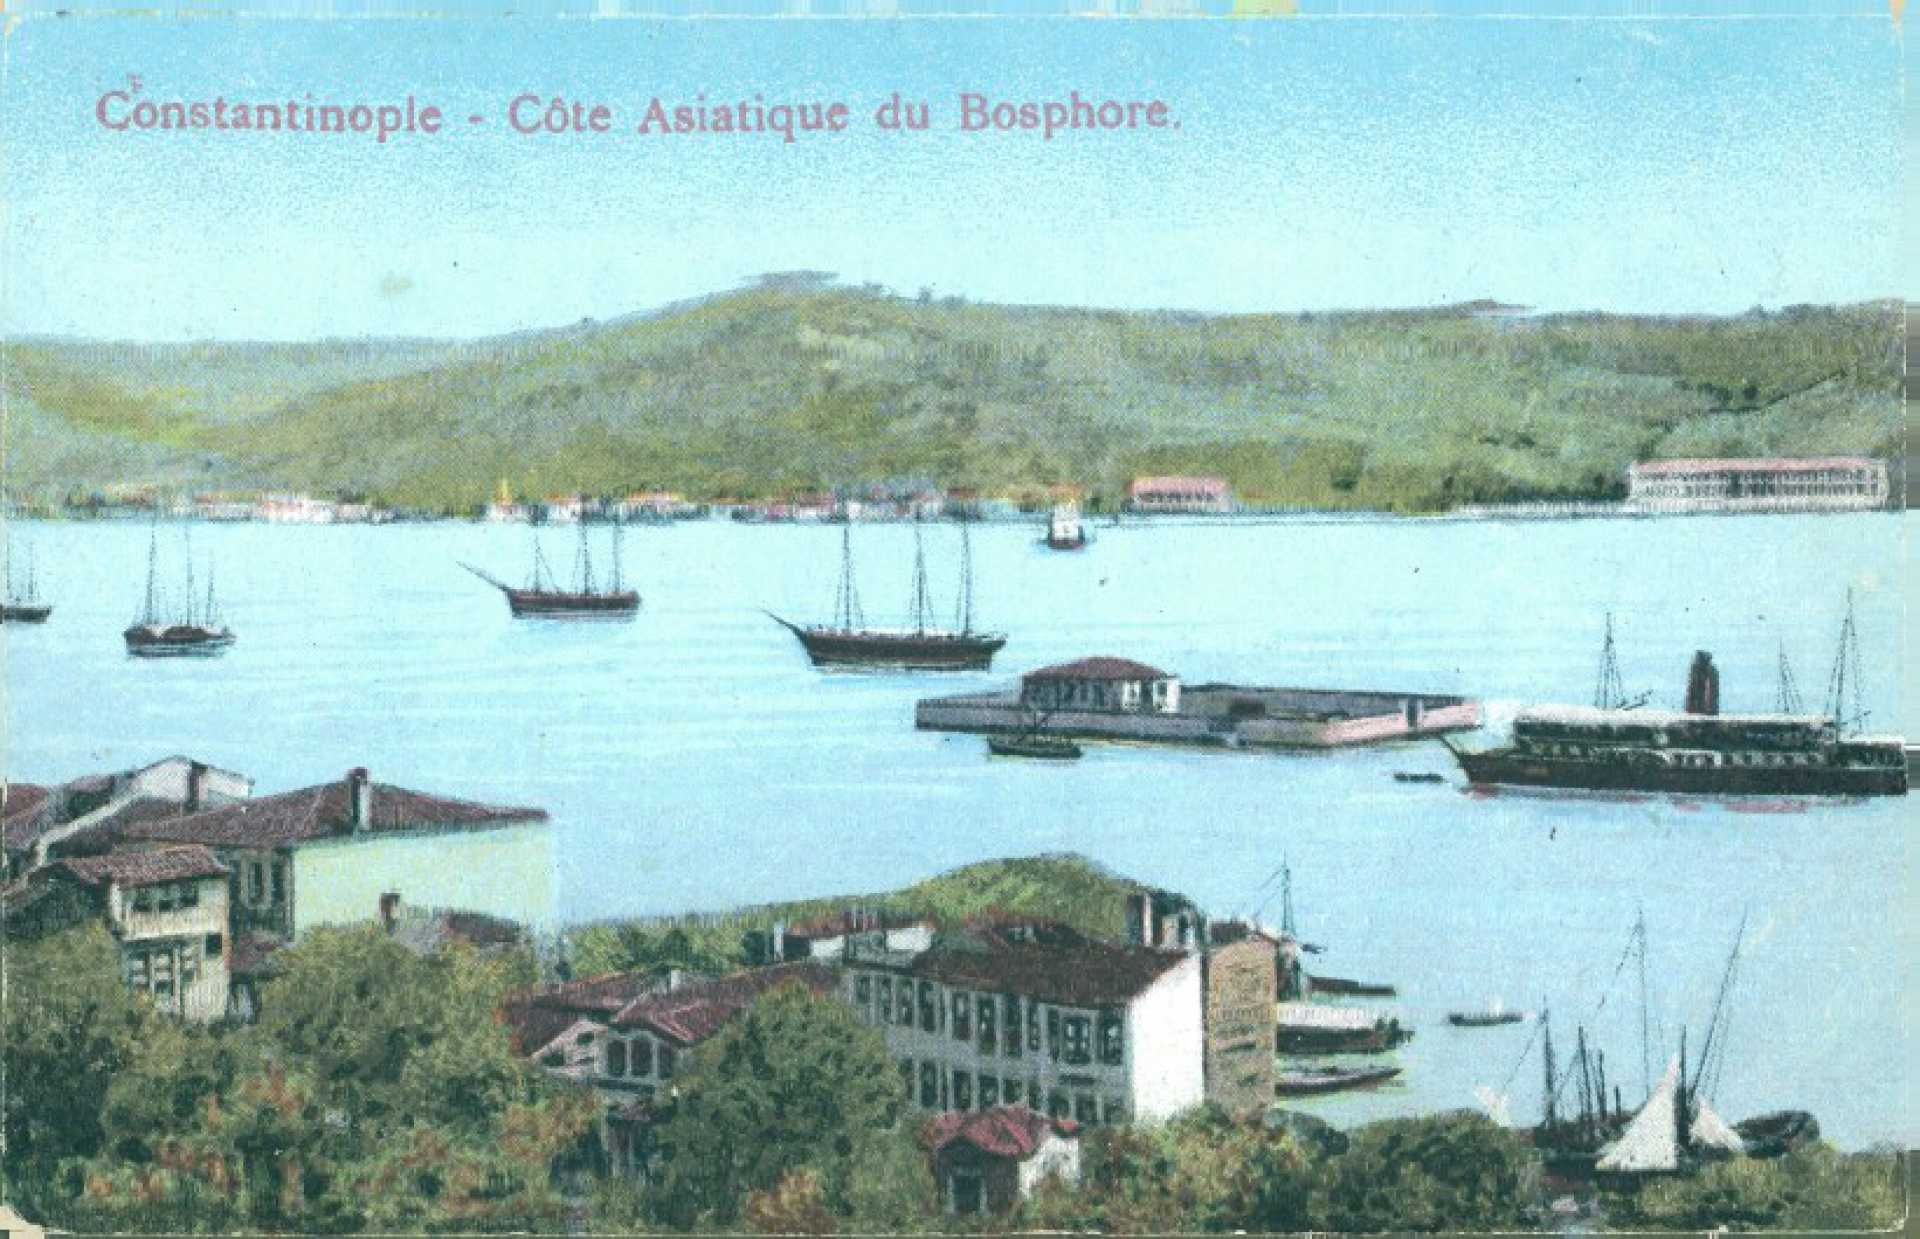 Bosphorus (Bogazici)